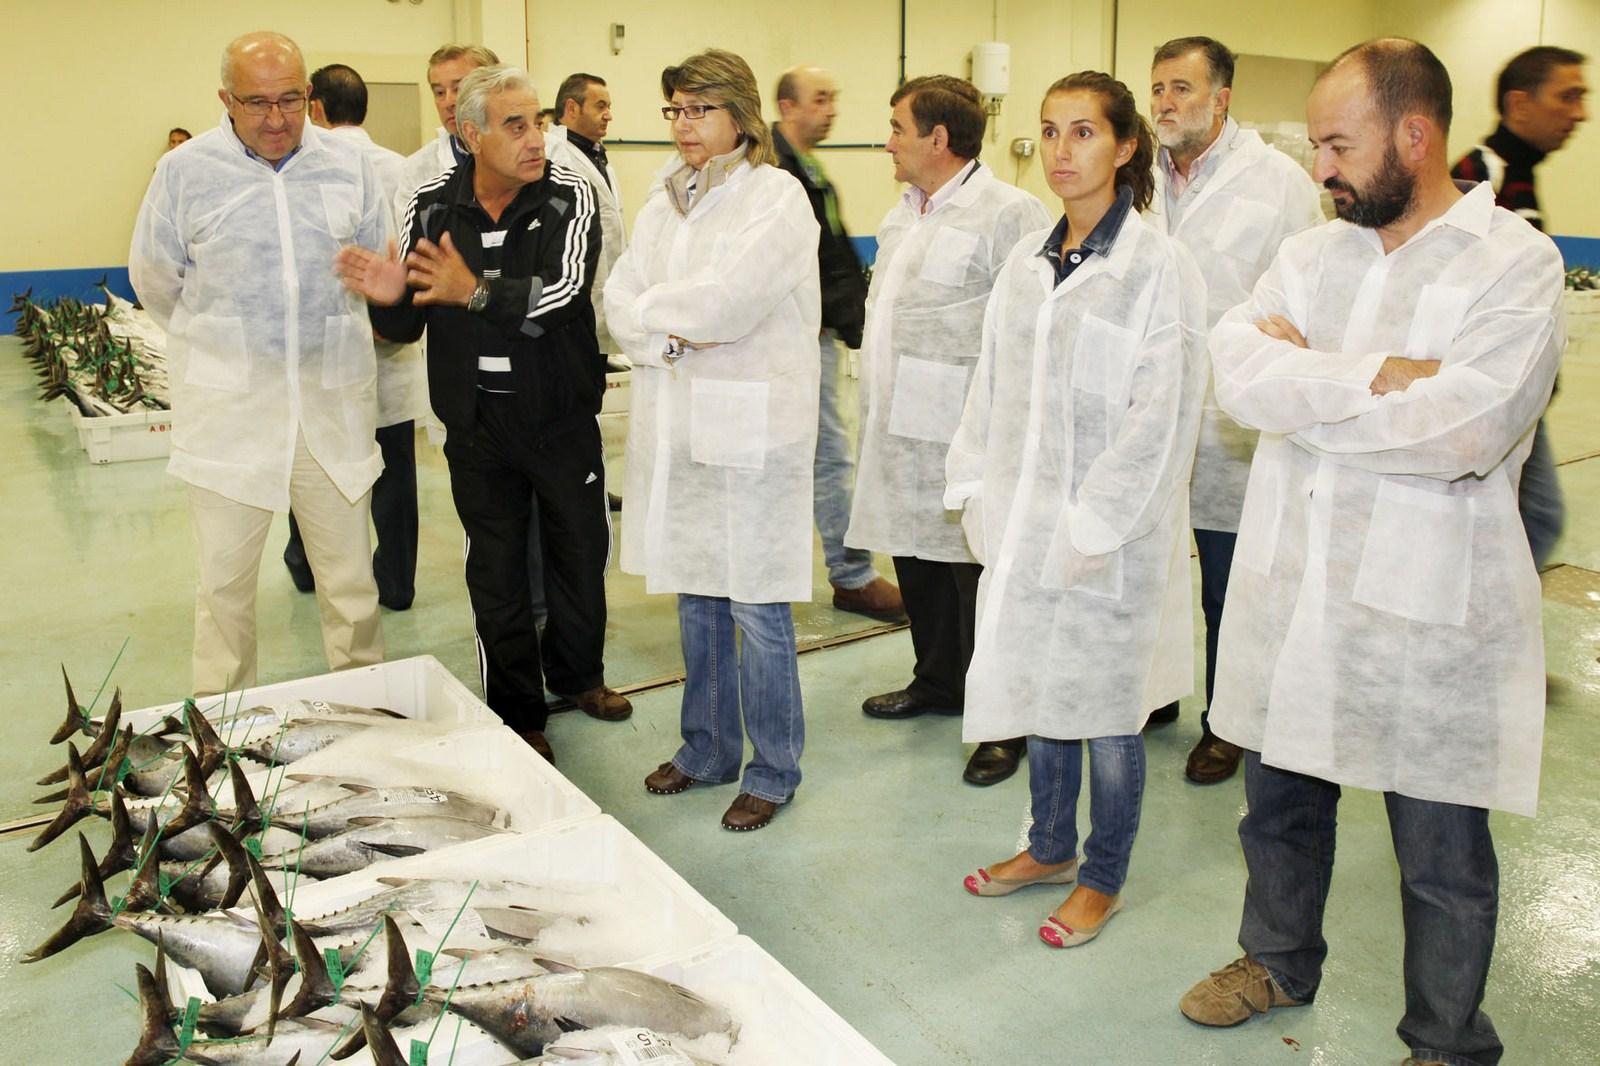 As vendas de peixe nas lonxas galegas mantivéronse en 2020 malia as dificultades ante a alerta sanitaria polo coronavirus